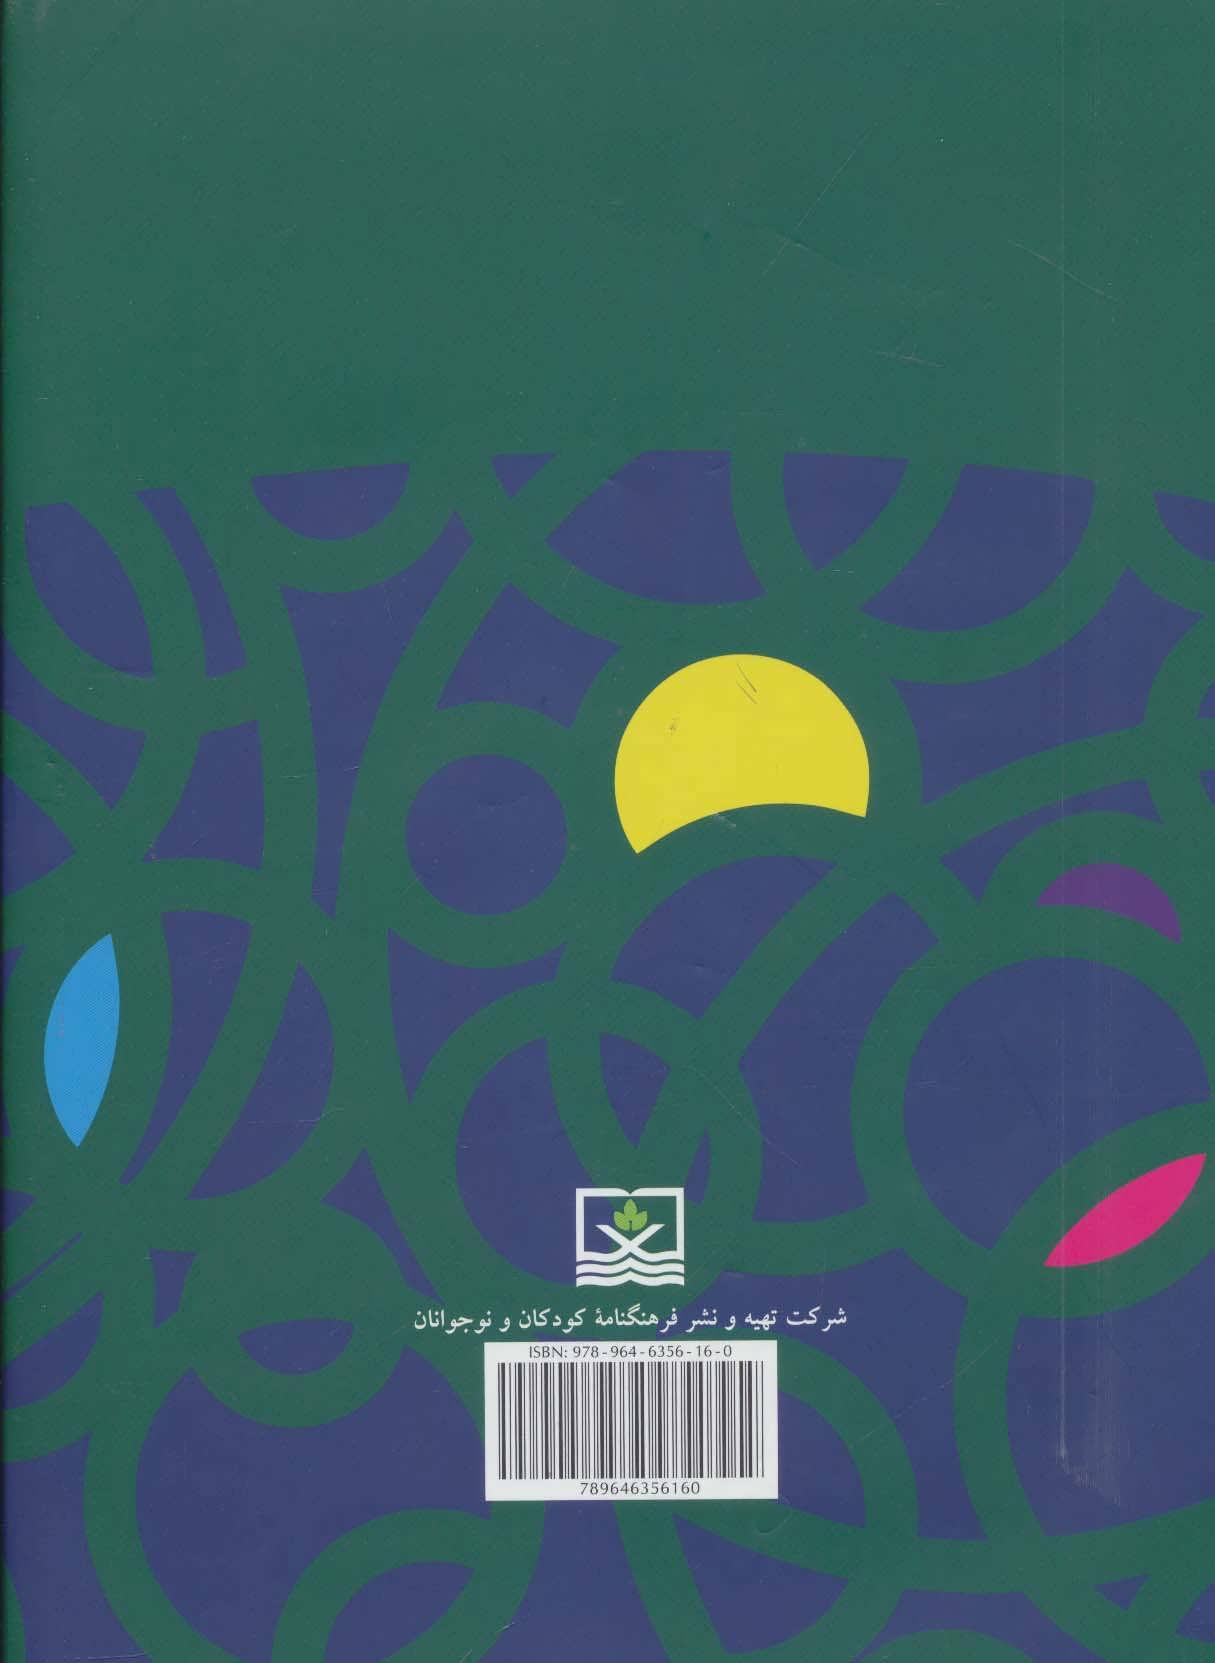 فرهنگنامه کودکان و نوجوانان16 (ز-ژ-س)